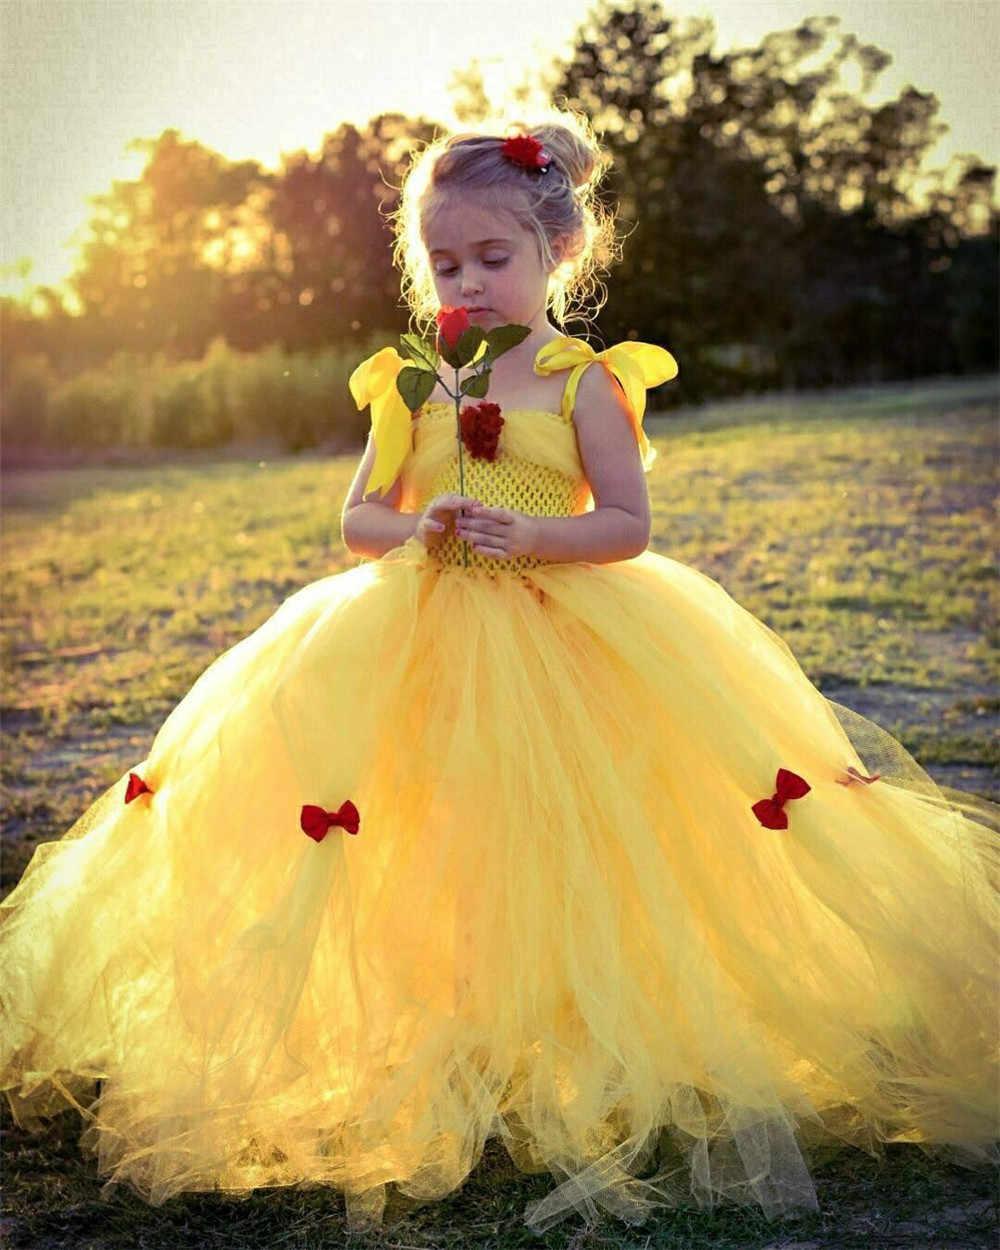 Robe Tutu de princesse jaune pour filles | En Tulle, motif de fleurs, Crochet, avec nœud ruban rouge, robes de fête pour enfants